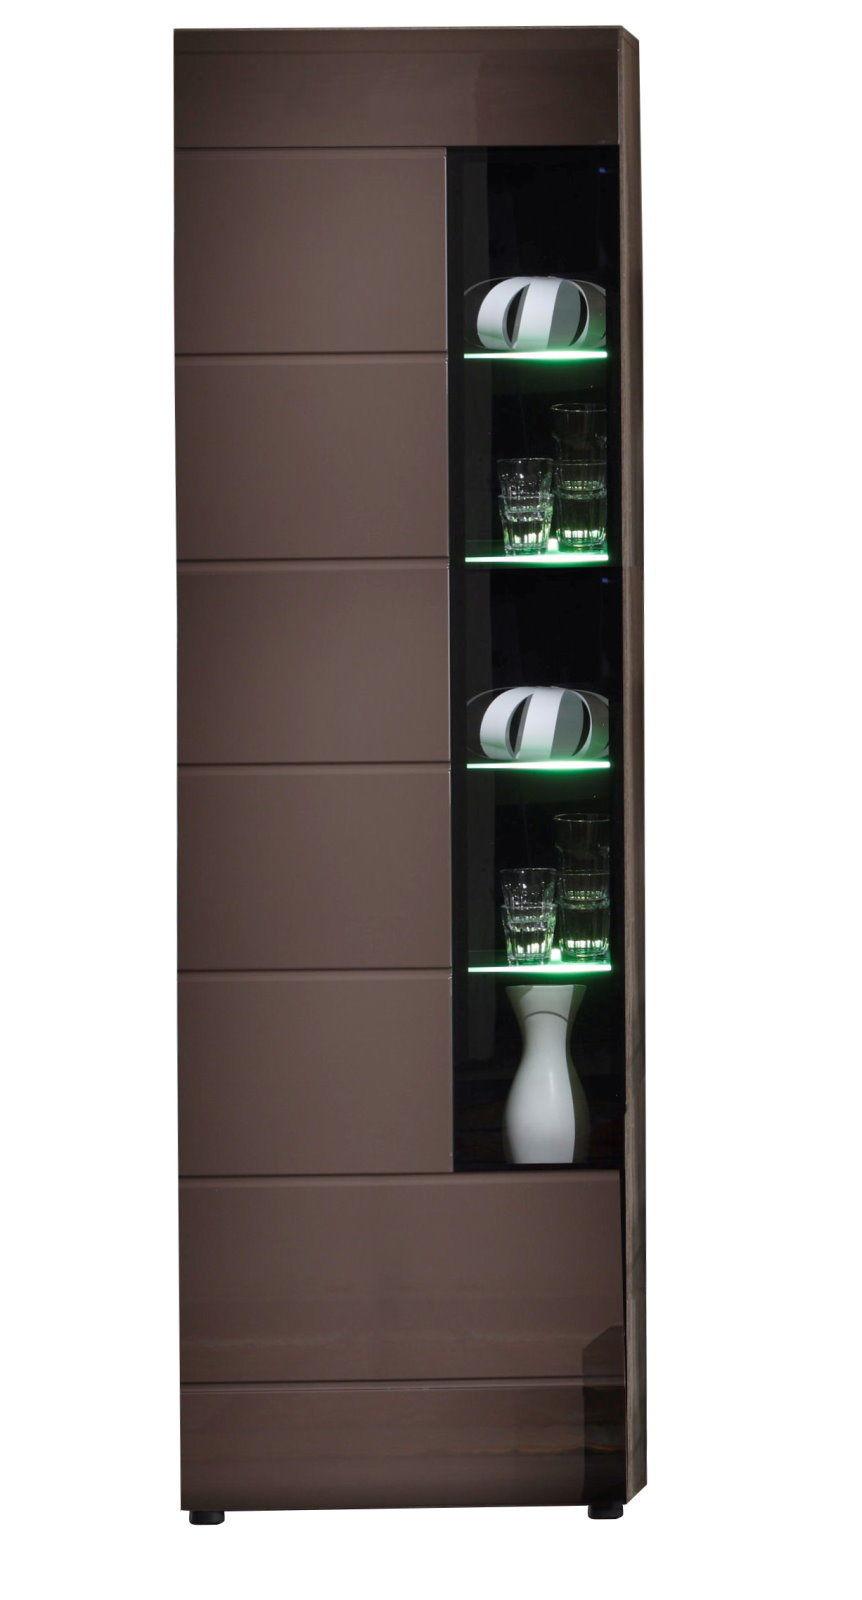 vitrine john trend beleuchtung wohnzimmer schrank m bel braun hochglanz ebay. Black Bedroom Furniture Sets. Home Design Ideas